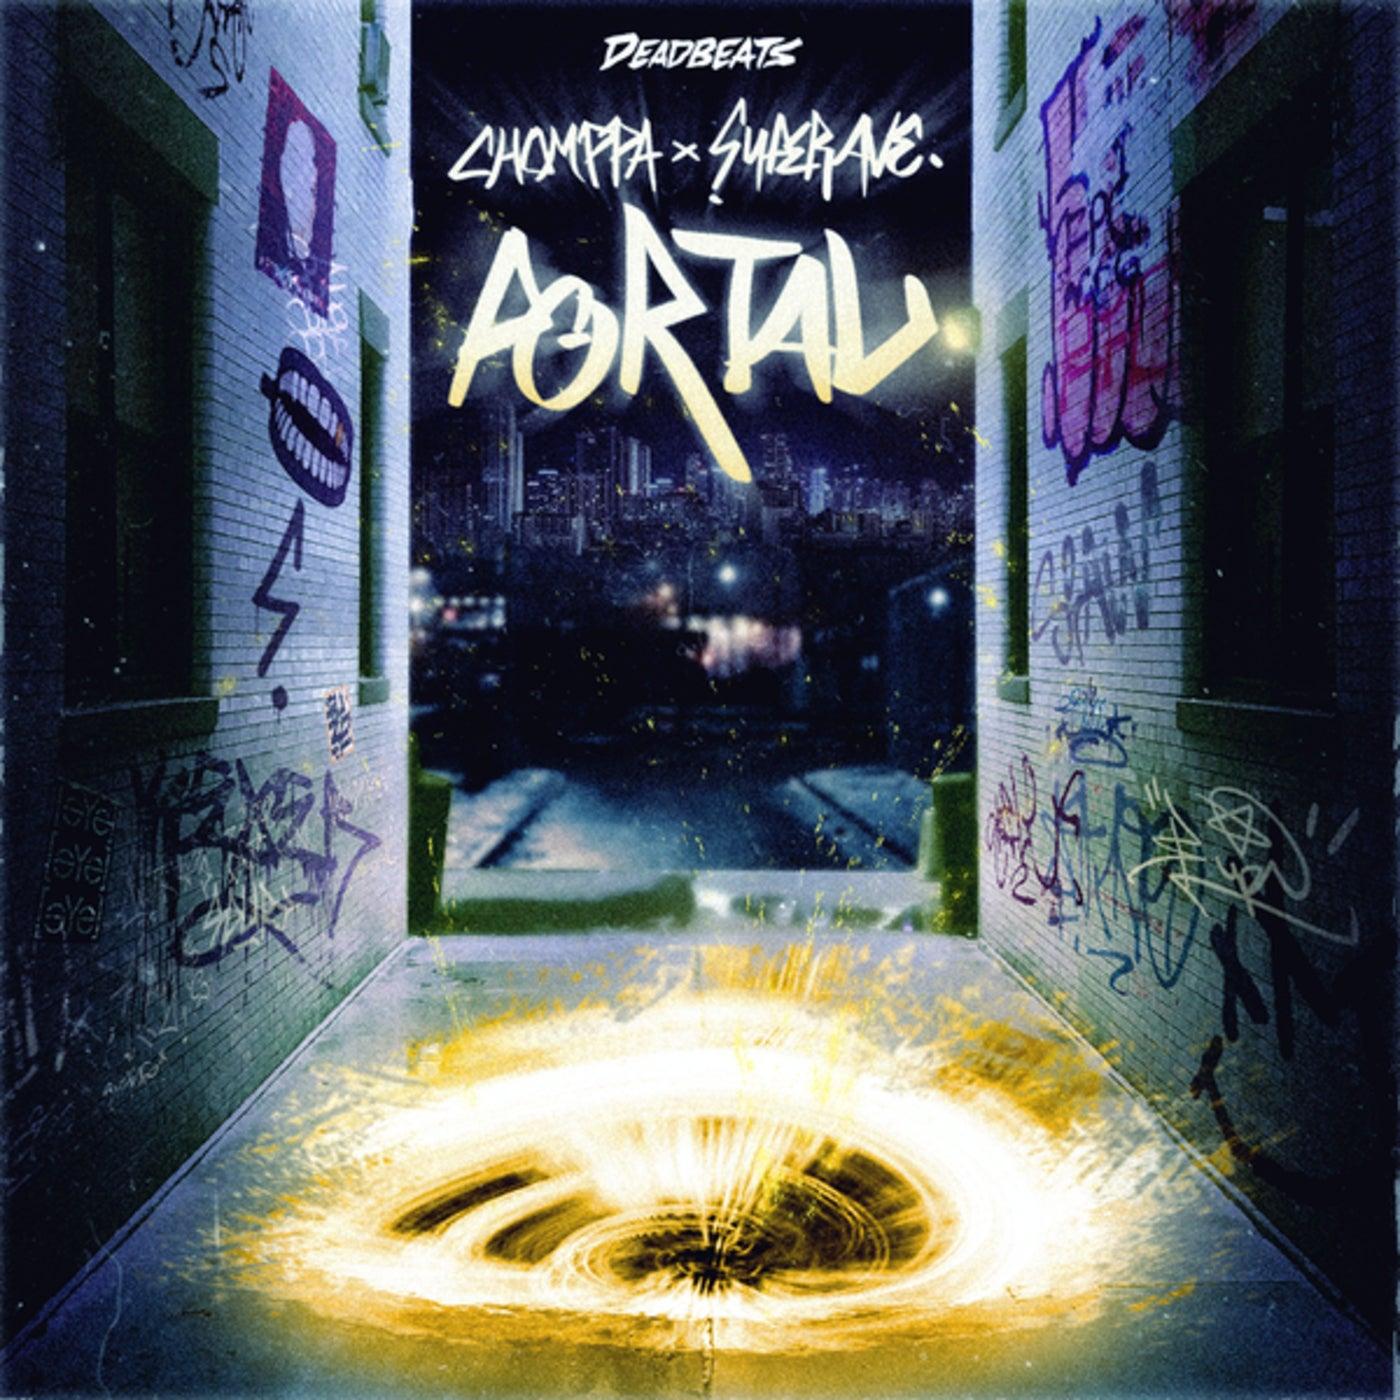 Portal (Original Mix)